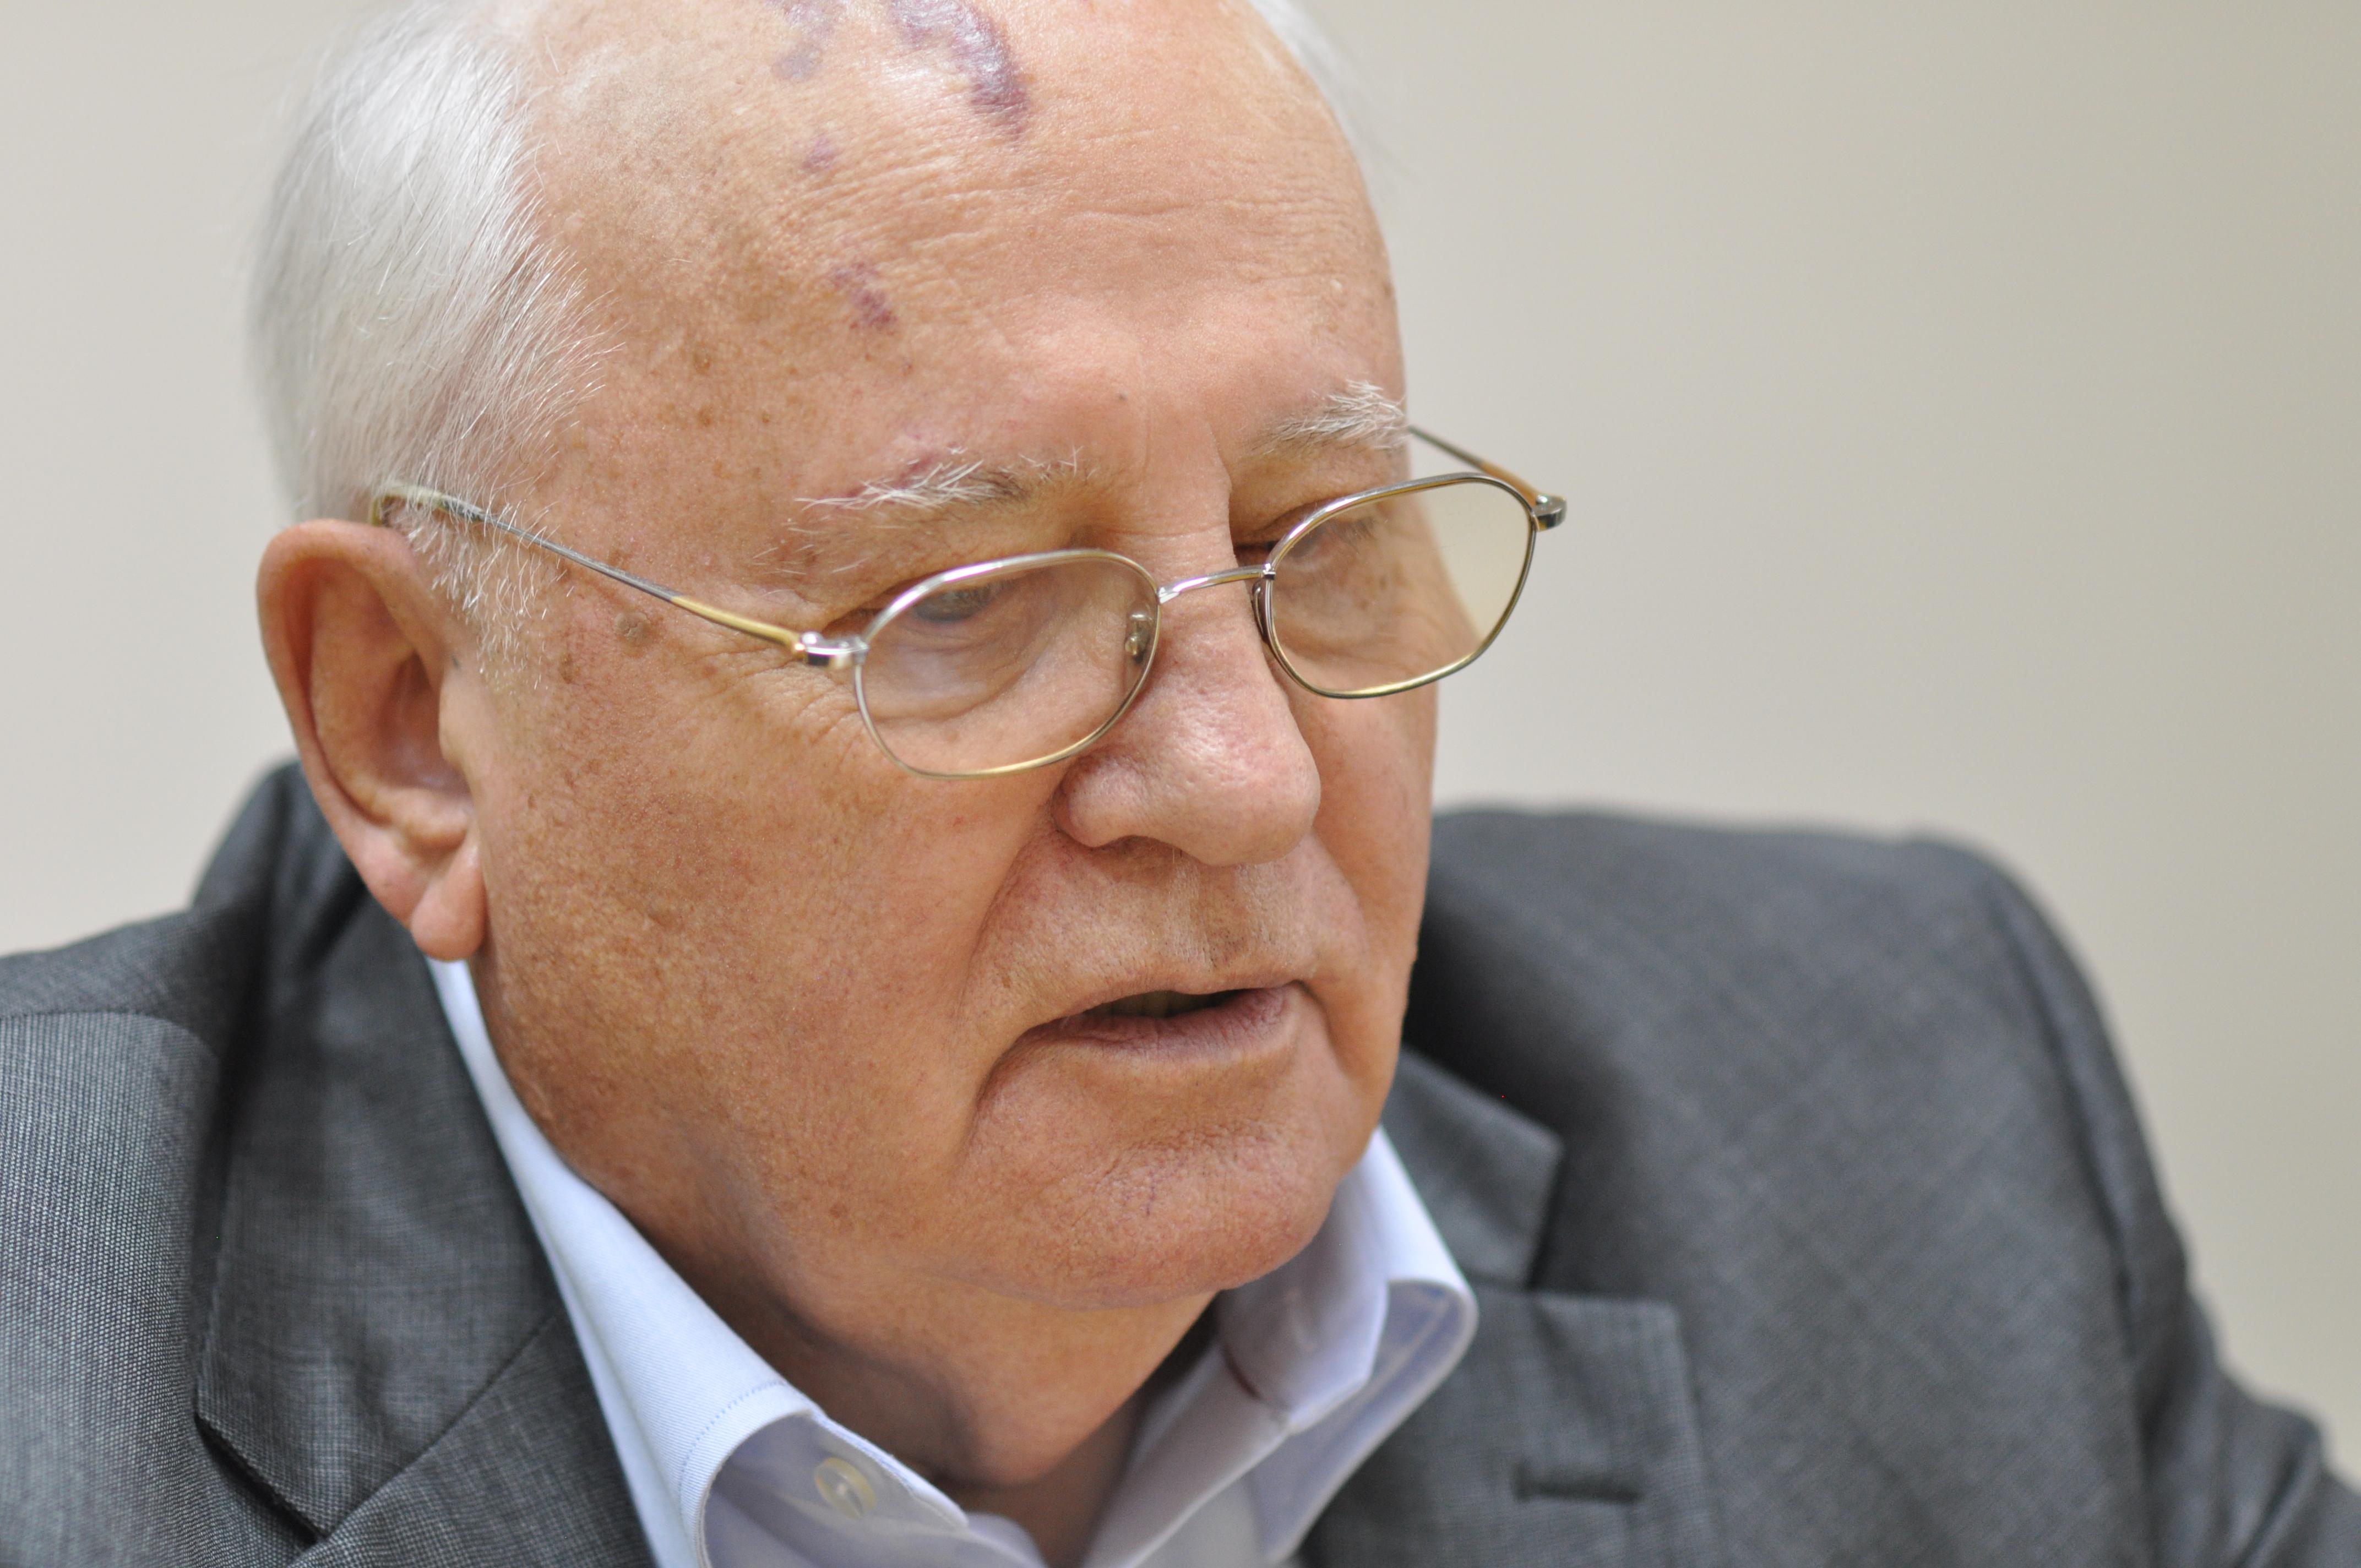 Российские журналисты чуть не довели тяжелобольного Горбачева до нервного срыва, вынудив его признаться, что он в больнице